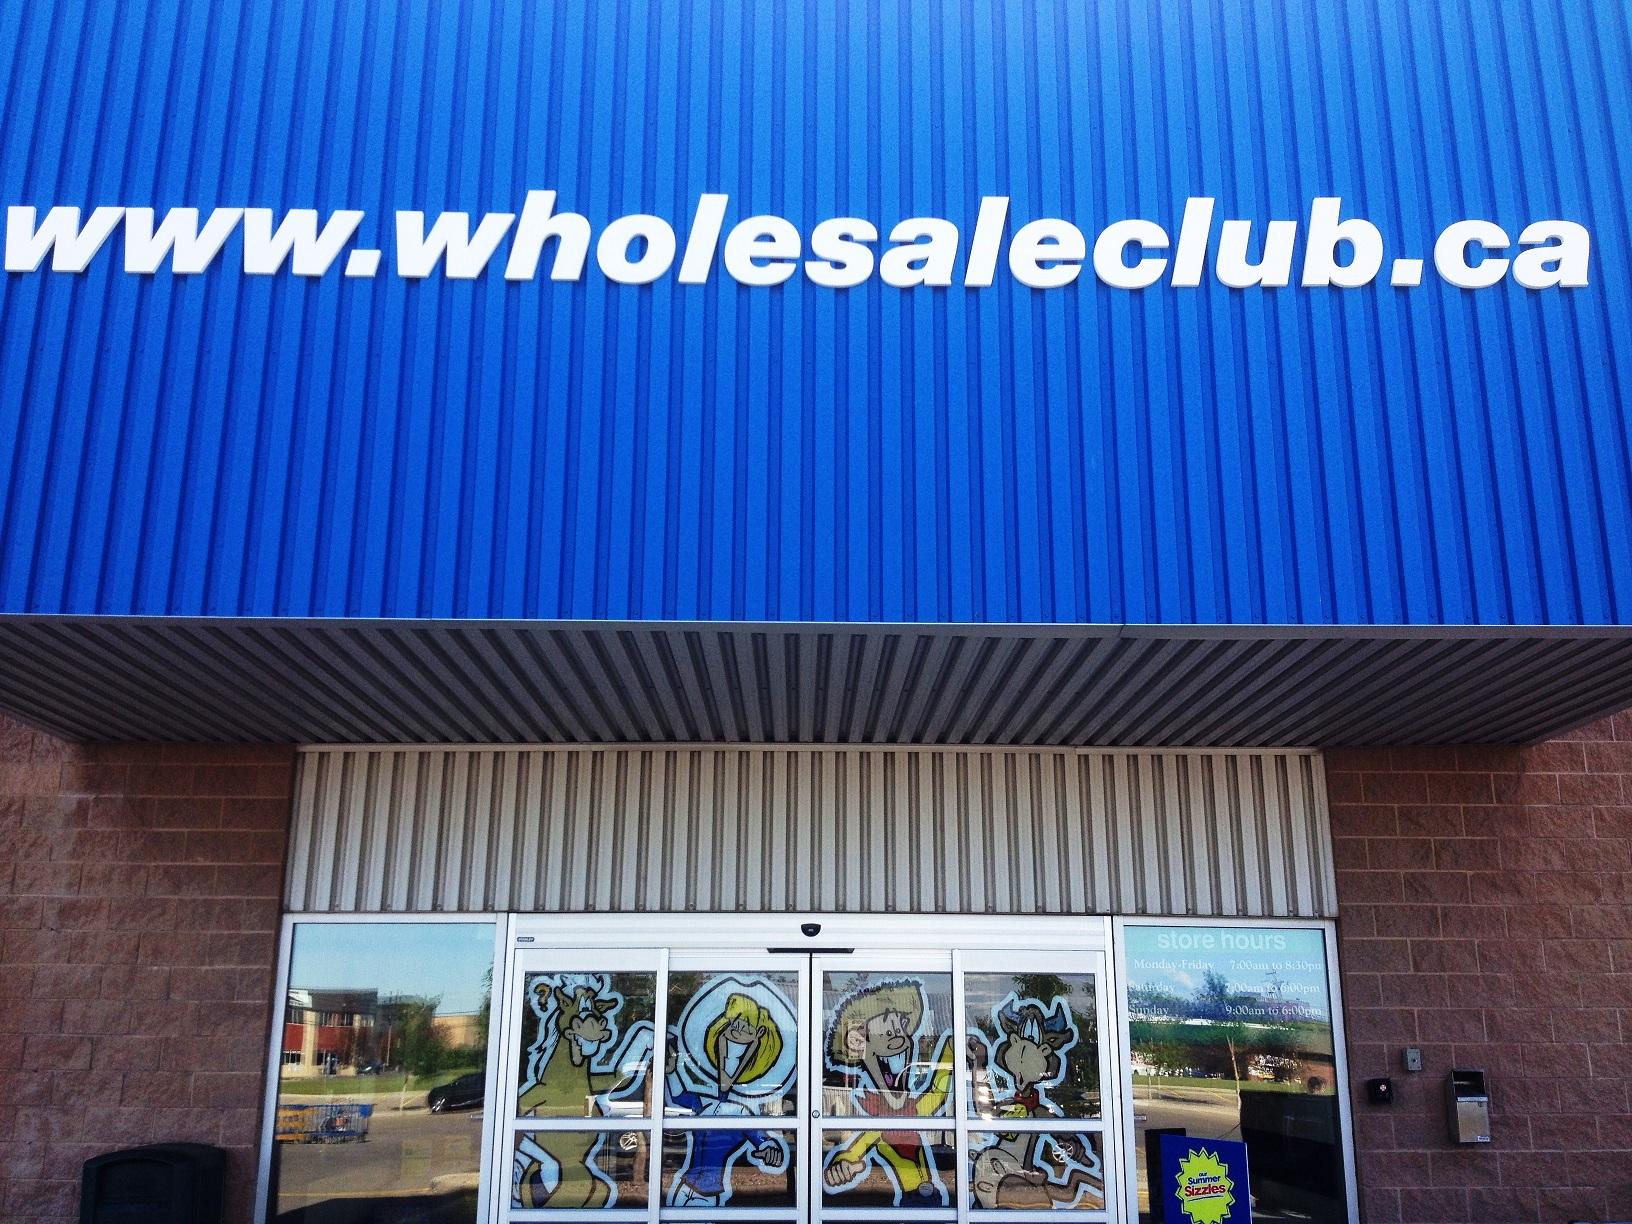 Mars Customer Appreciation Day at Wholesale Club Canada   SplashMM Inc